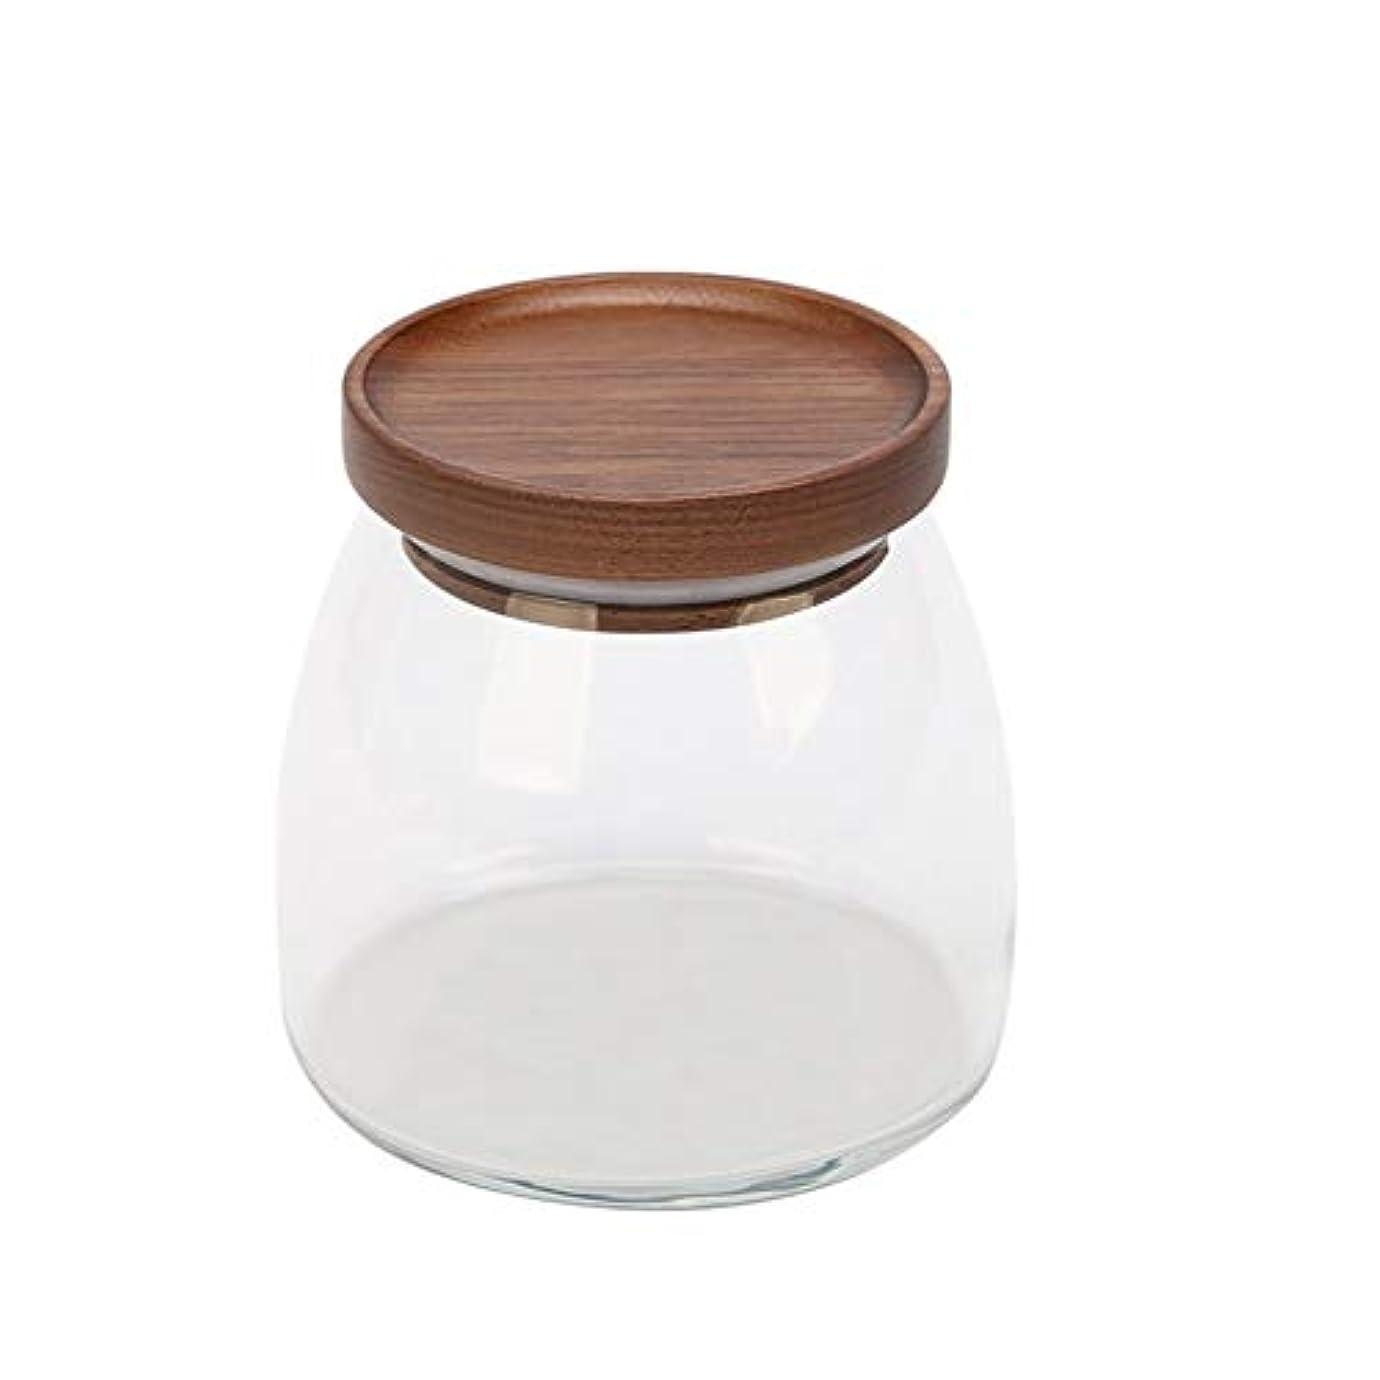 なんとなく旅行代理店死貯蔵タンク、透明ガラス貯蔵タンク、家庭用食品、茶瓶